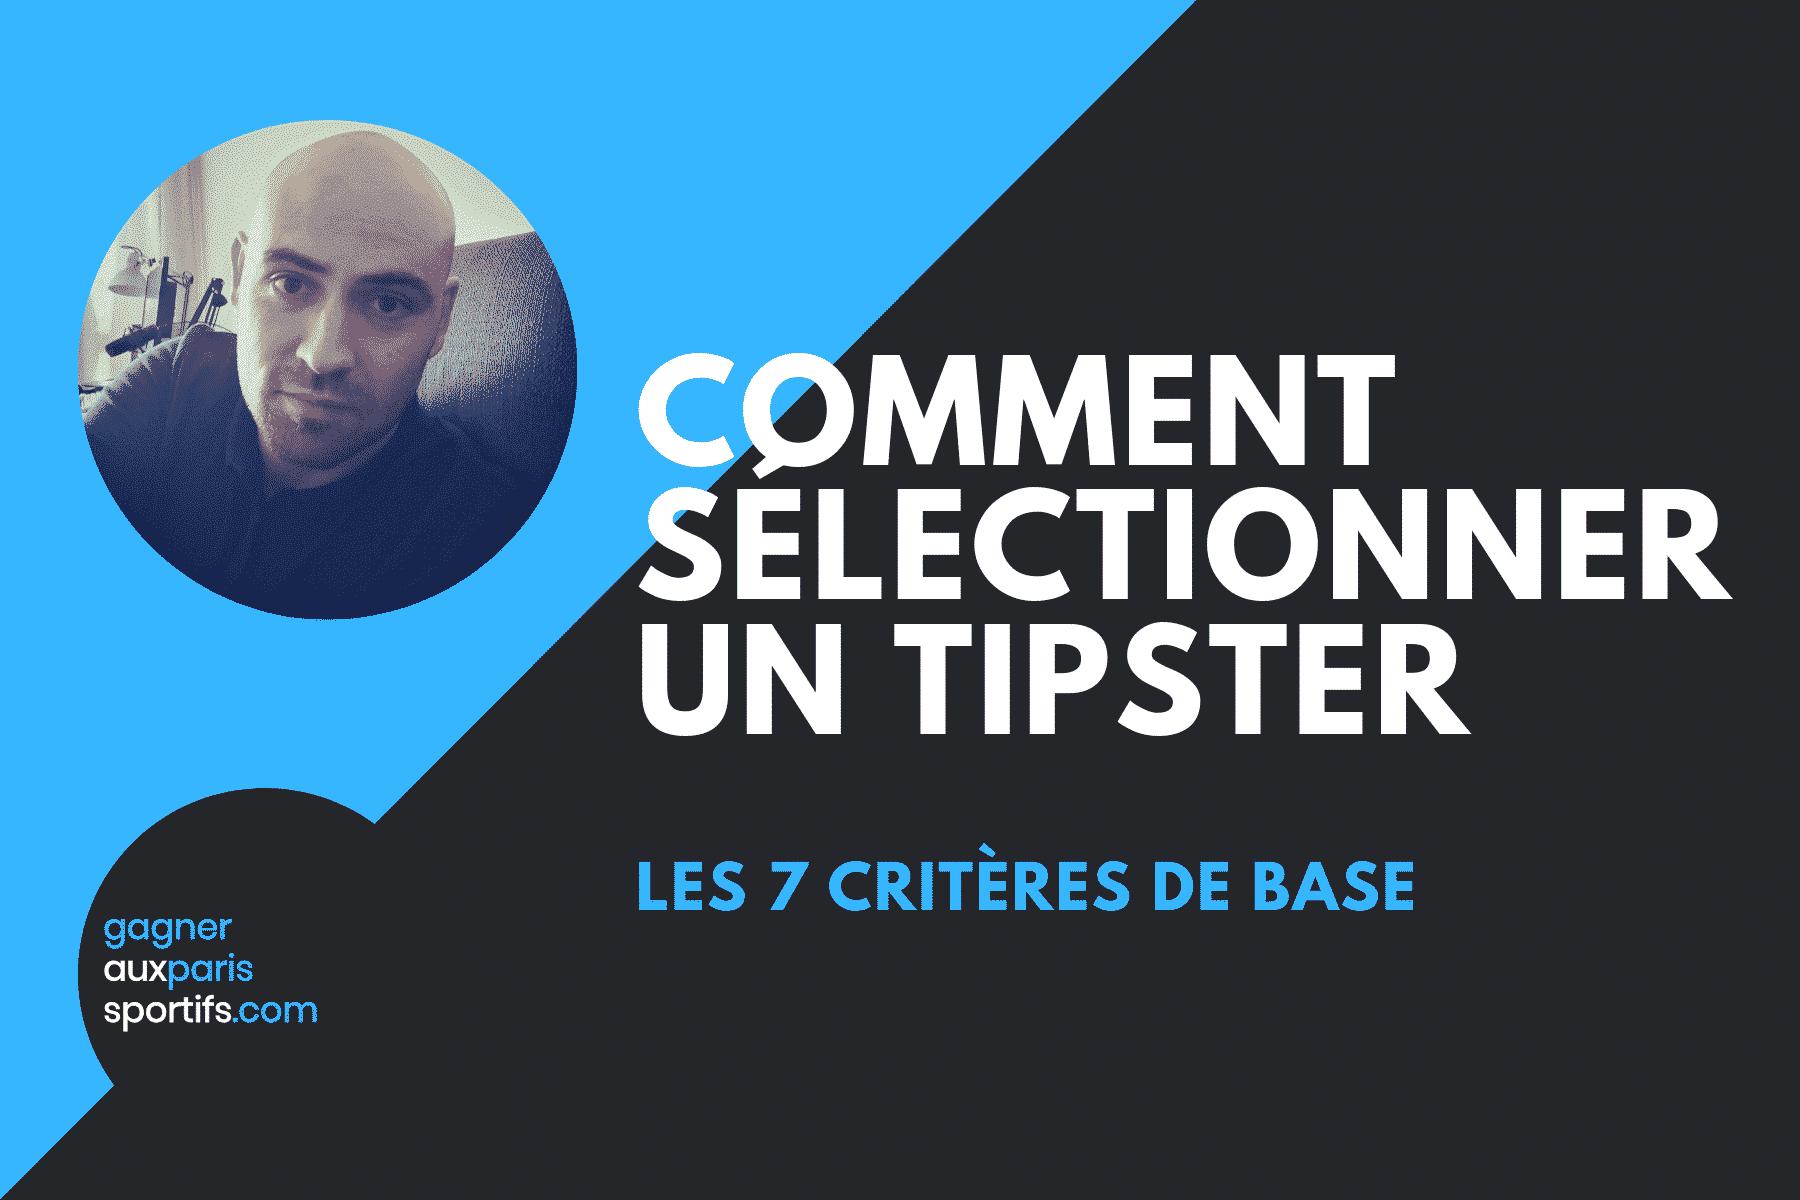 Les 7 critères pour sélectionner un tipster _